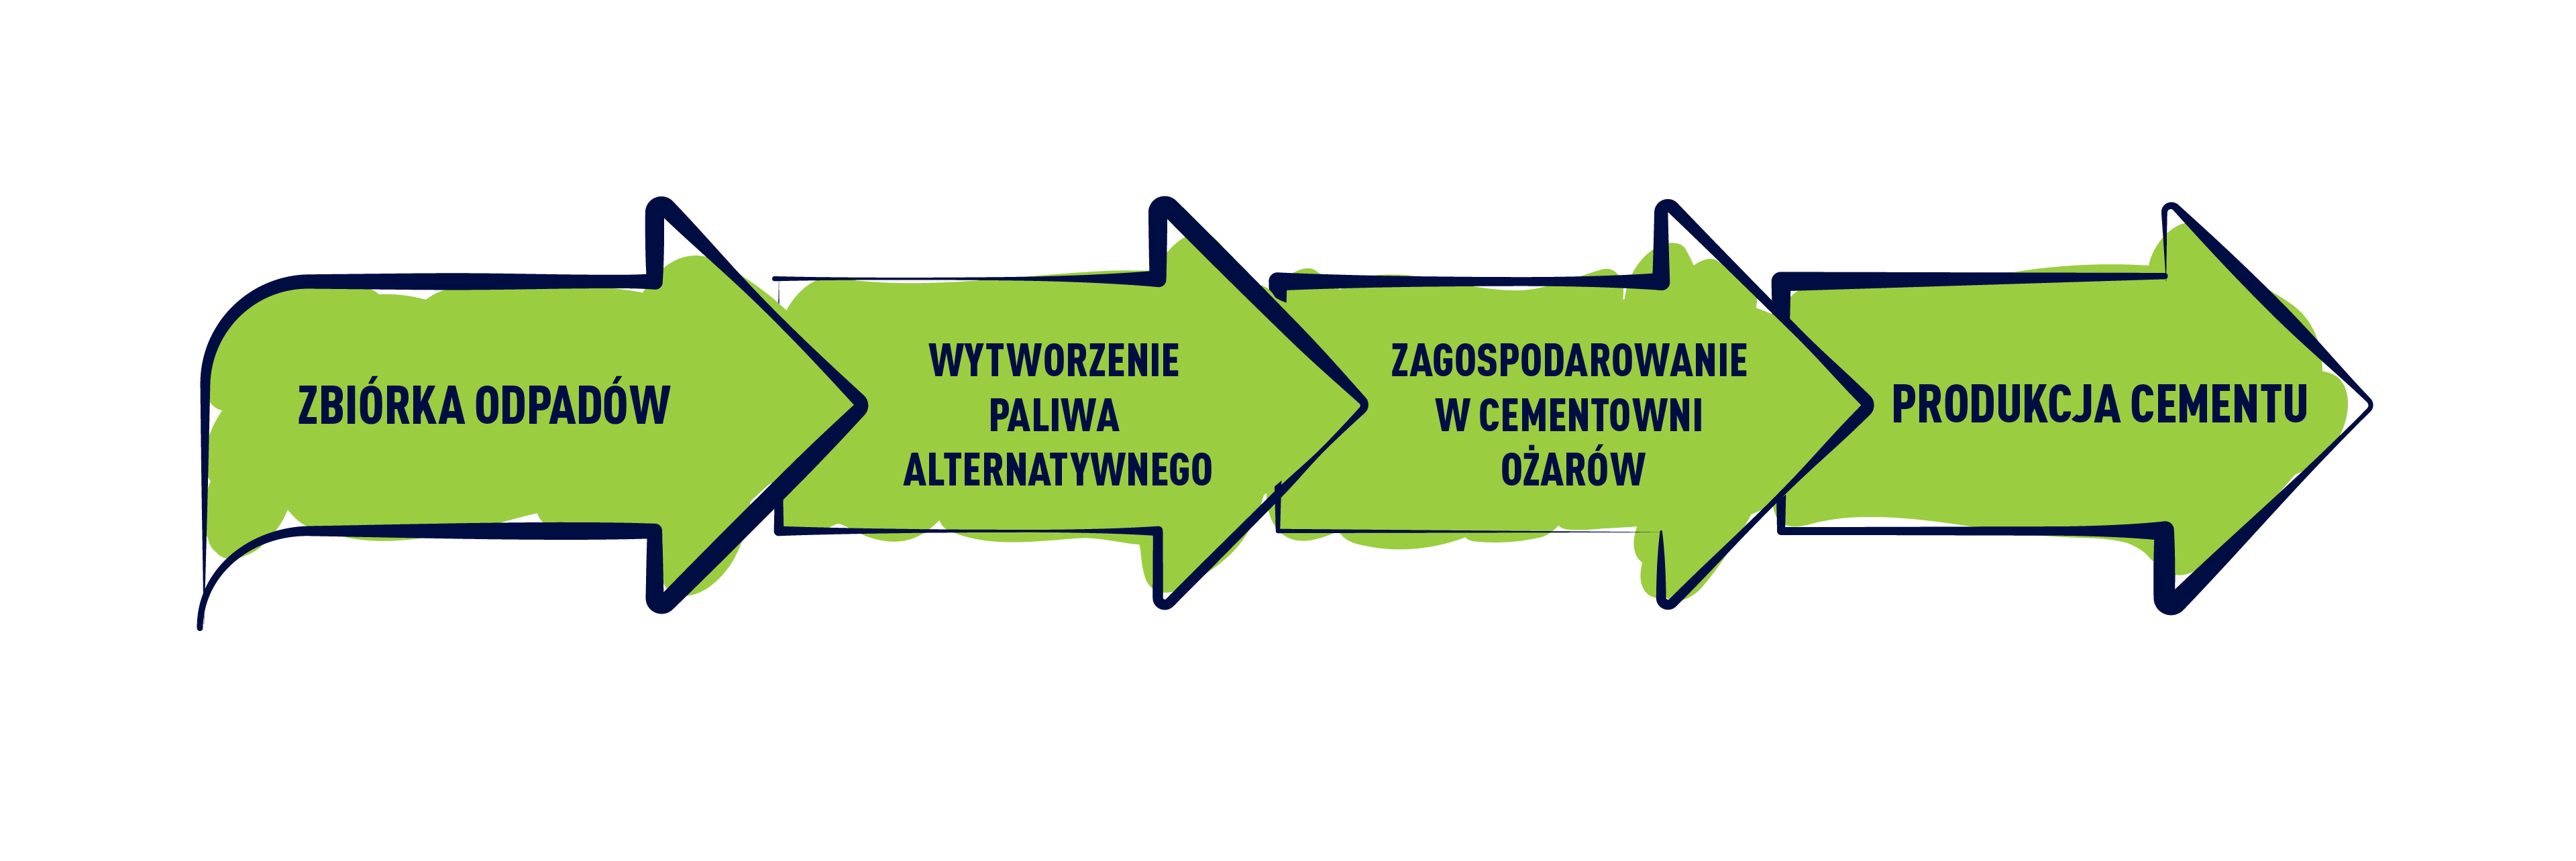 paliwa_alternatywne_01